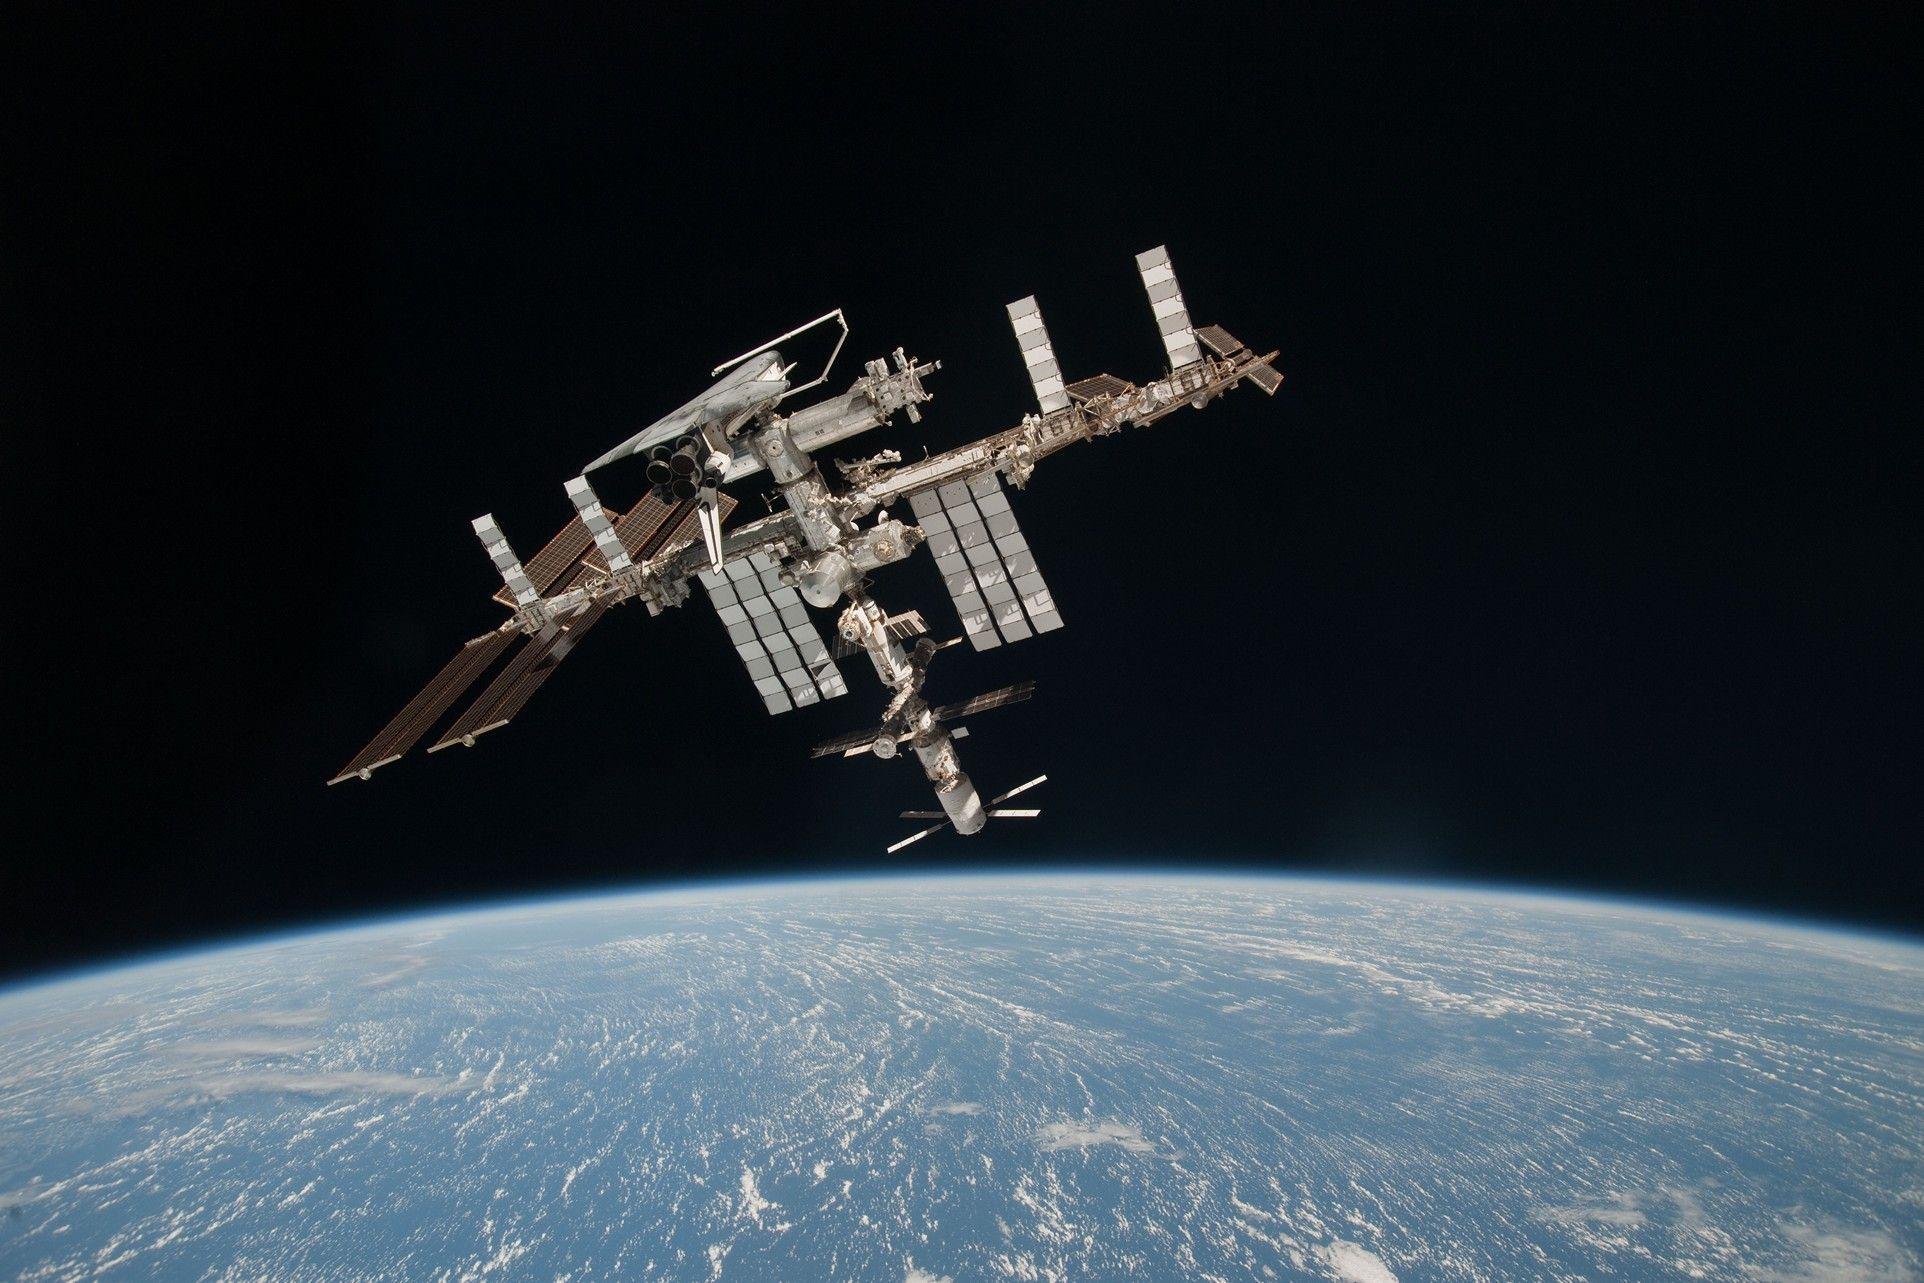 Le vaisseau Dragon devrait arriver à la Station Spatiale International vendredi 17 avril au matin pour une sixième mission d'approvisionnement.